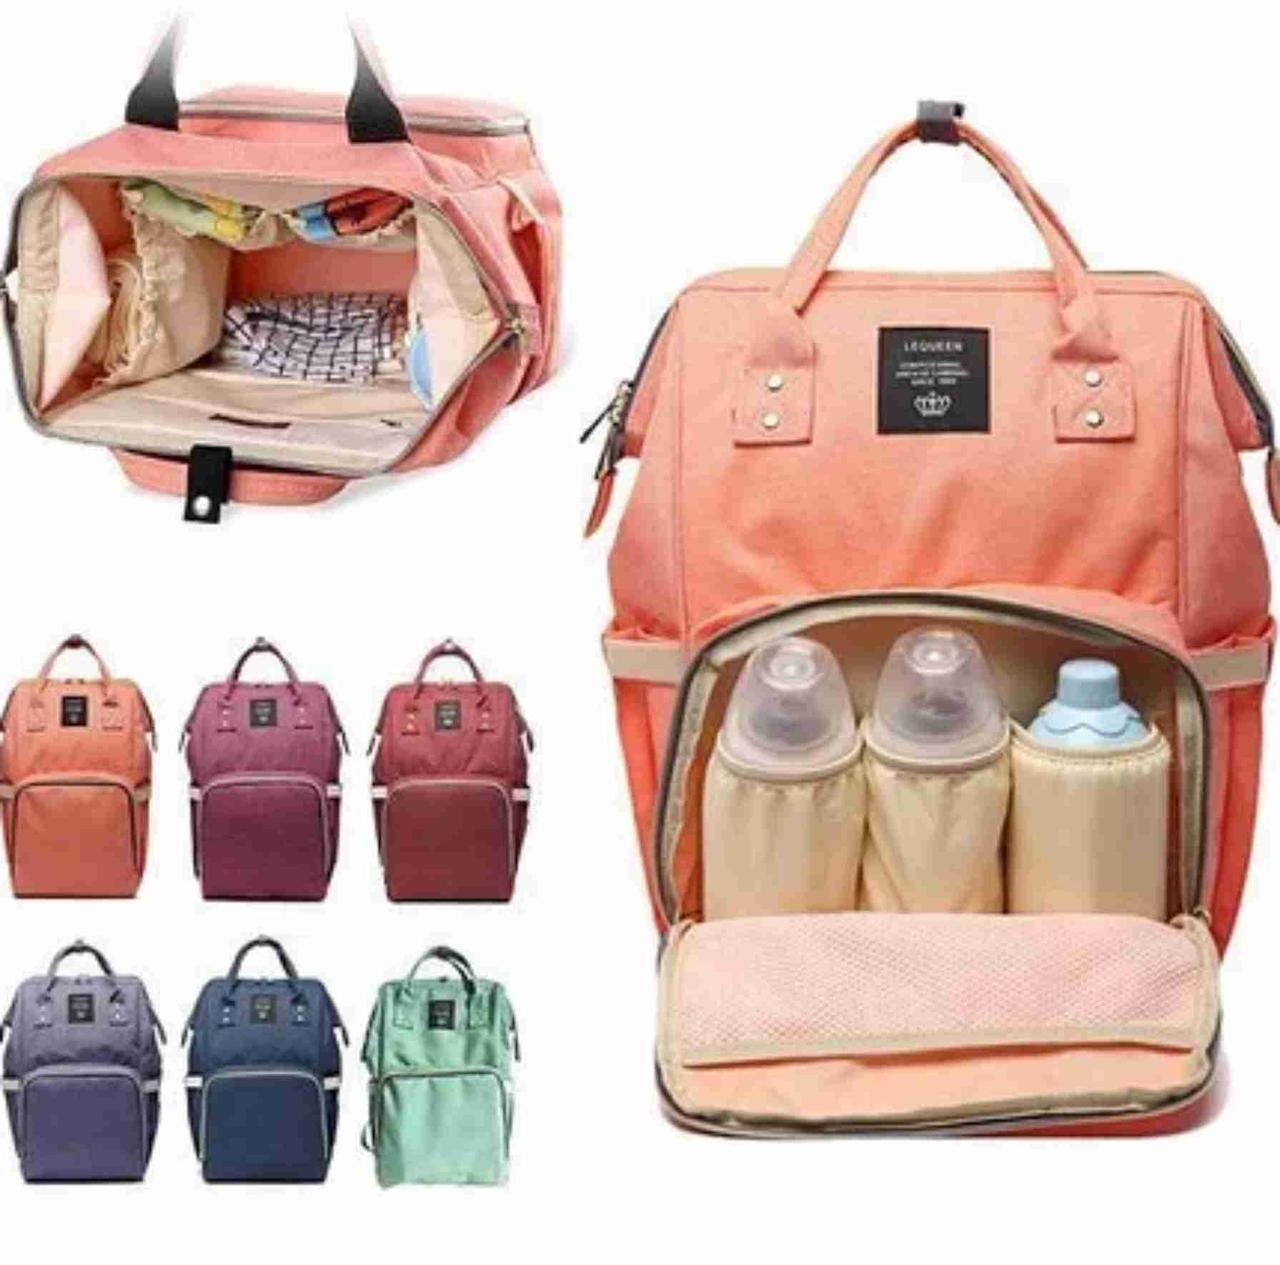 Сумка рюкзак для мам Mummy Bag.  Удобная сумка органайзер. Сумка для сохранения тепла. Сумка рюкзак для мамы 2